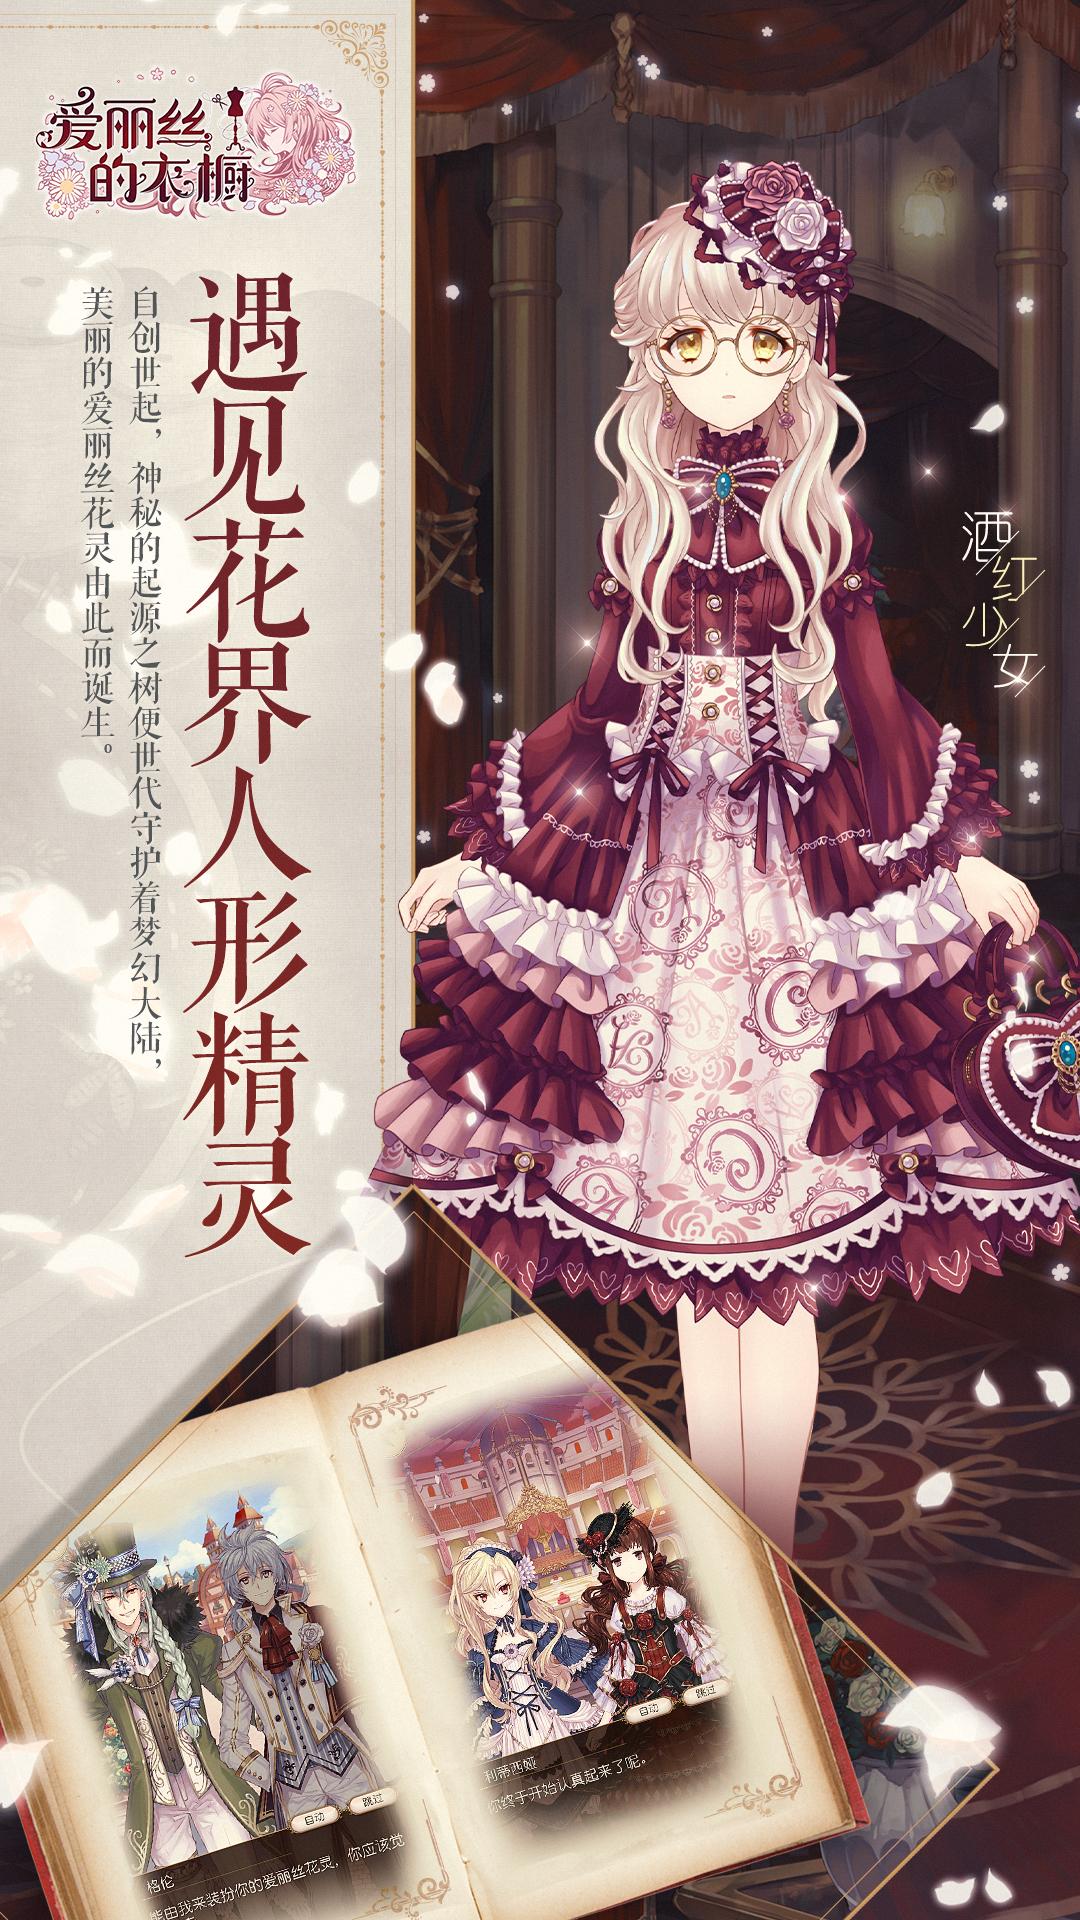 爱丽丝的衣橱图1